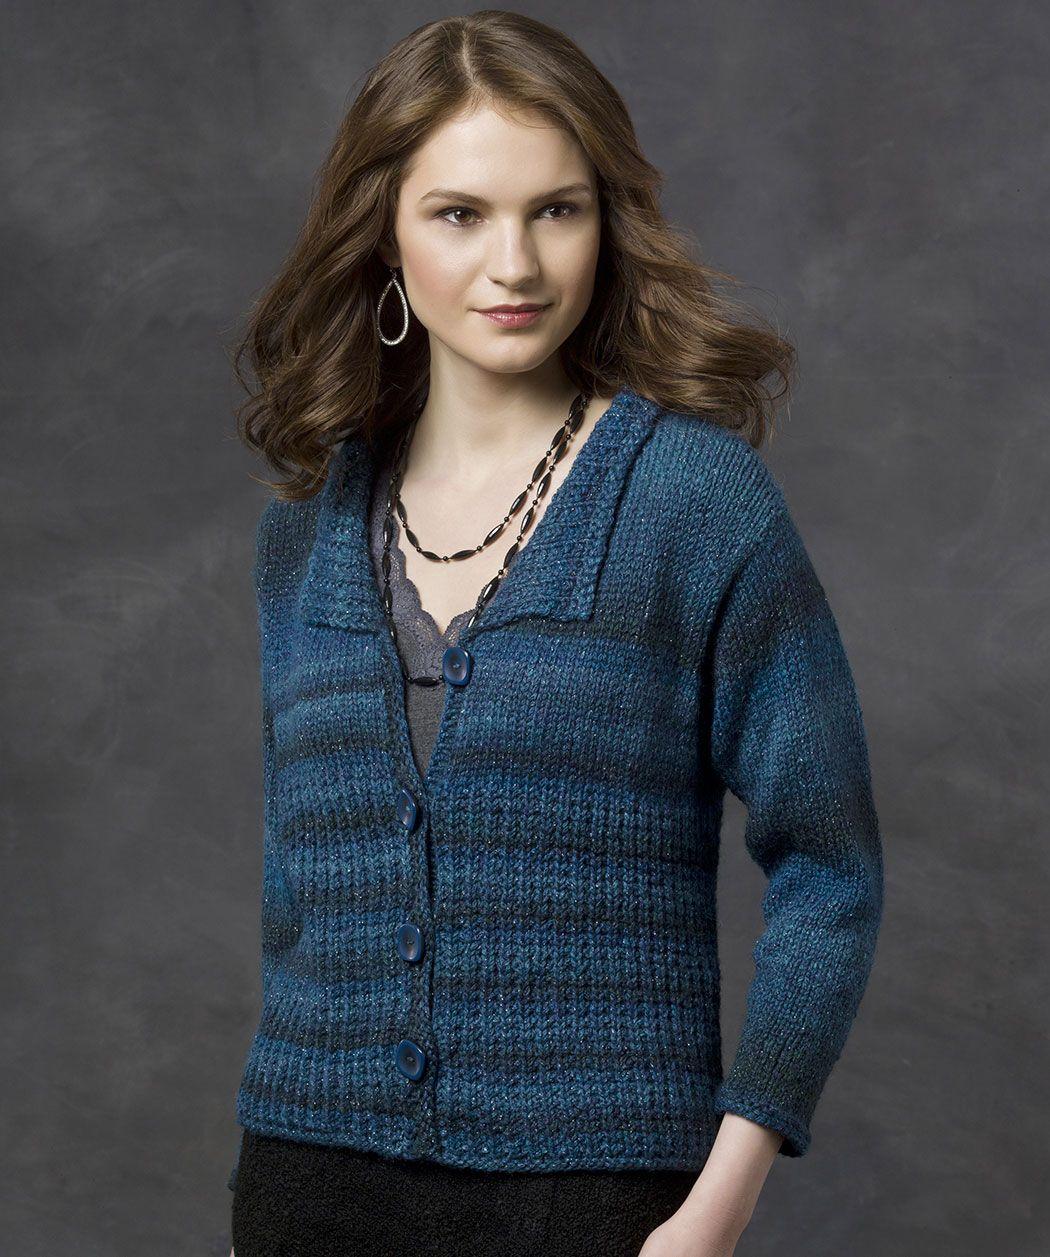 Kimberly Cardi | knitting. | Pinterest | Knitting patterns, Patterns ...